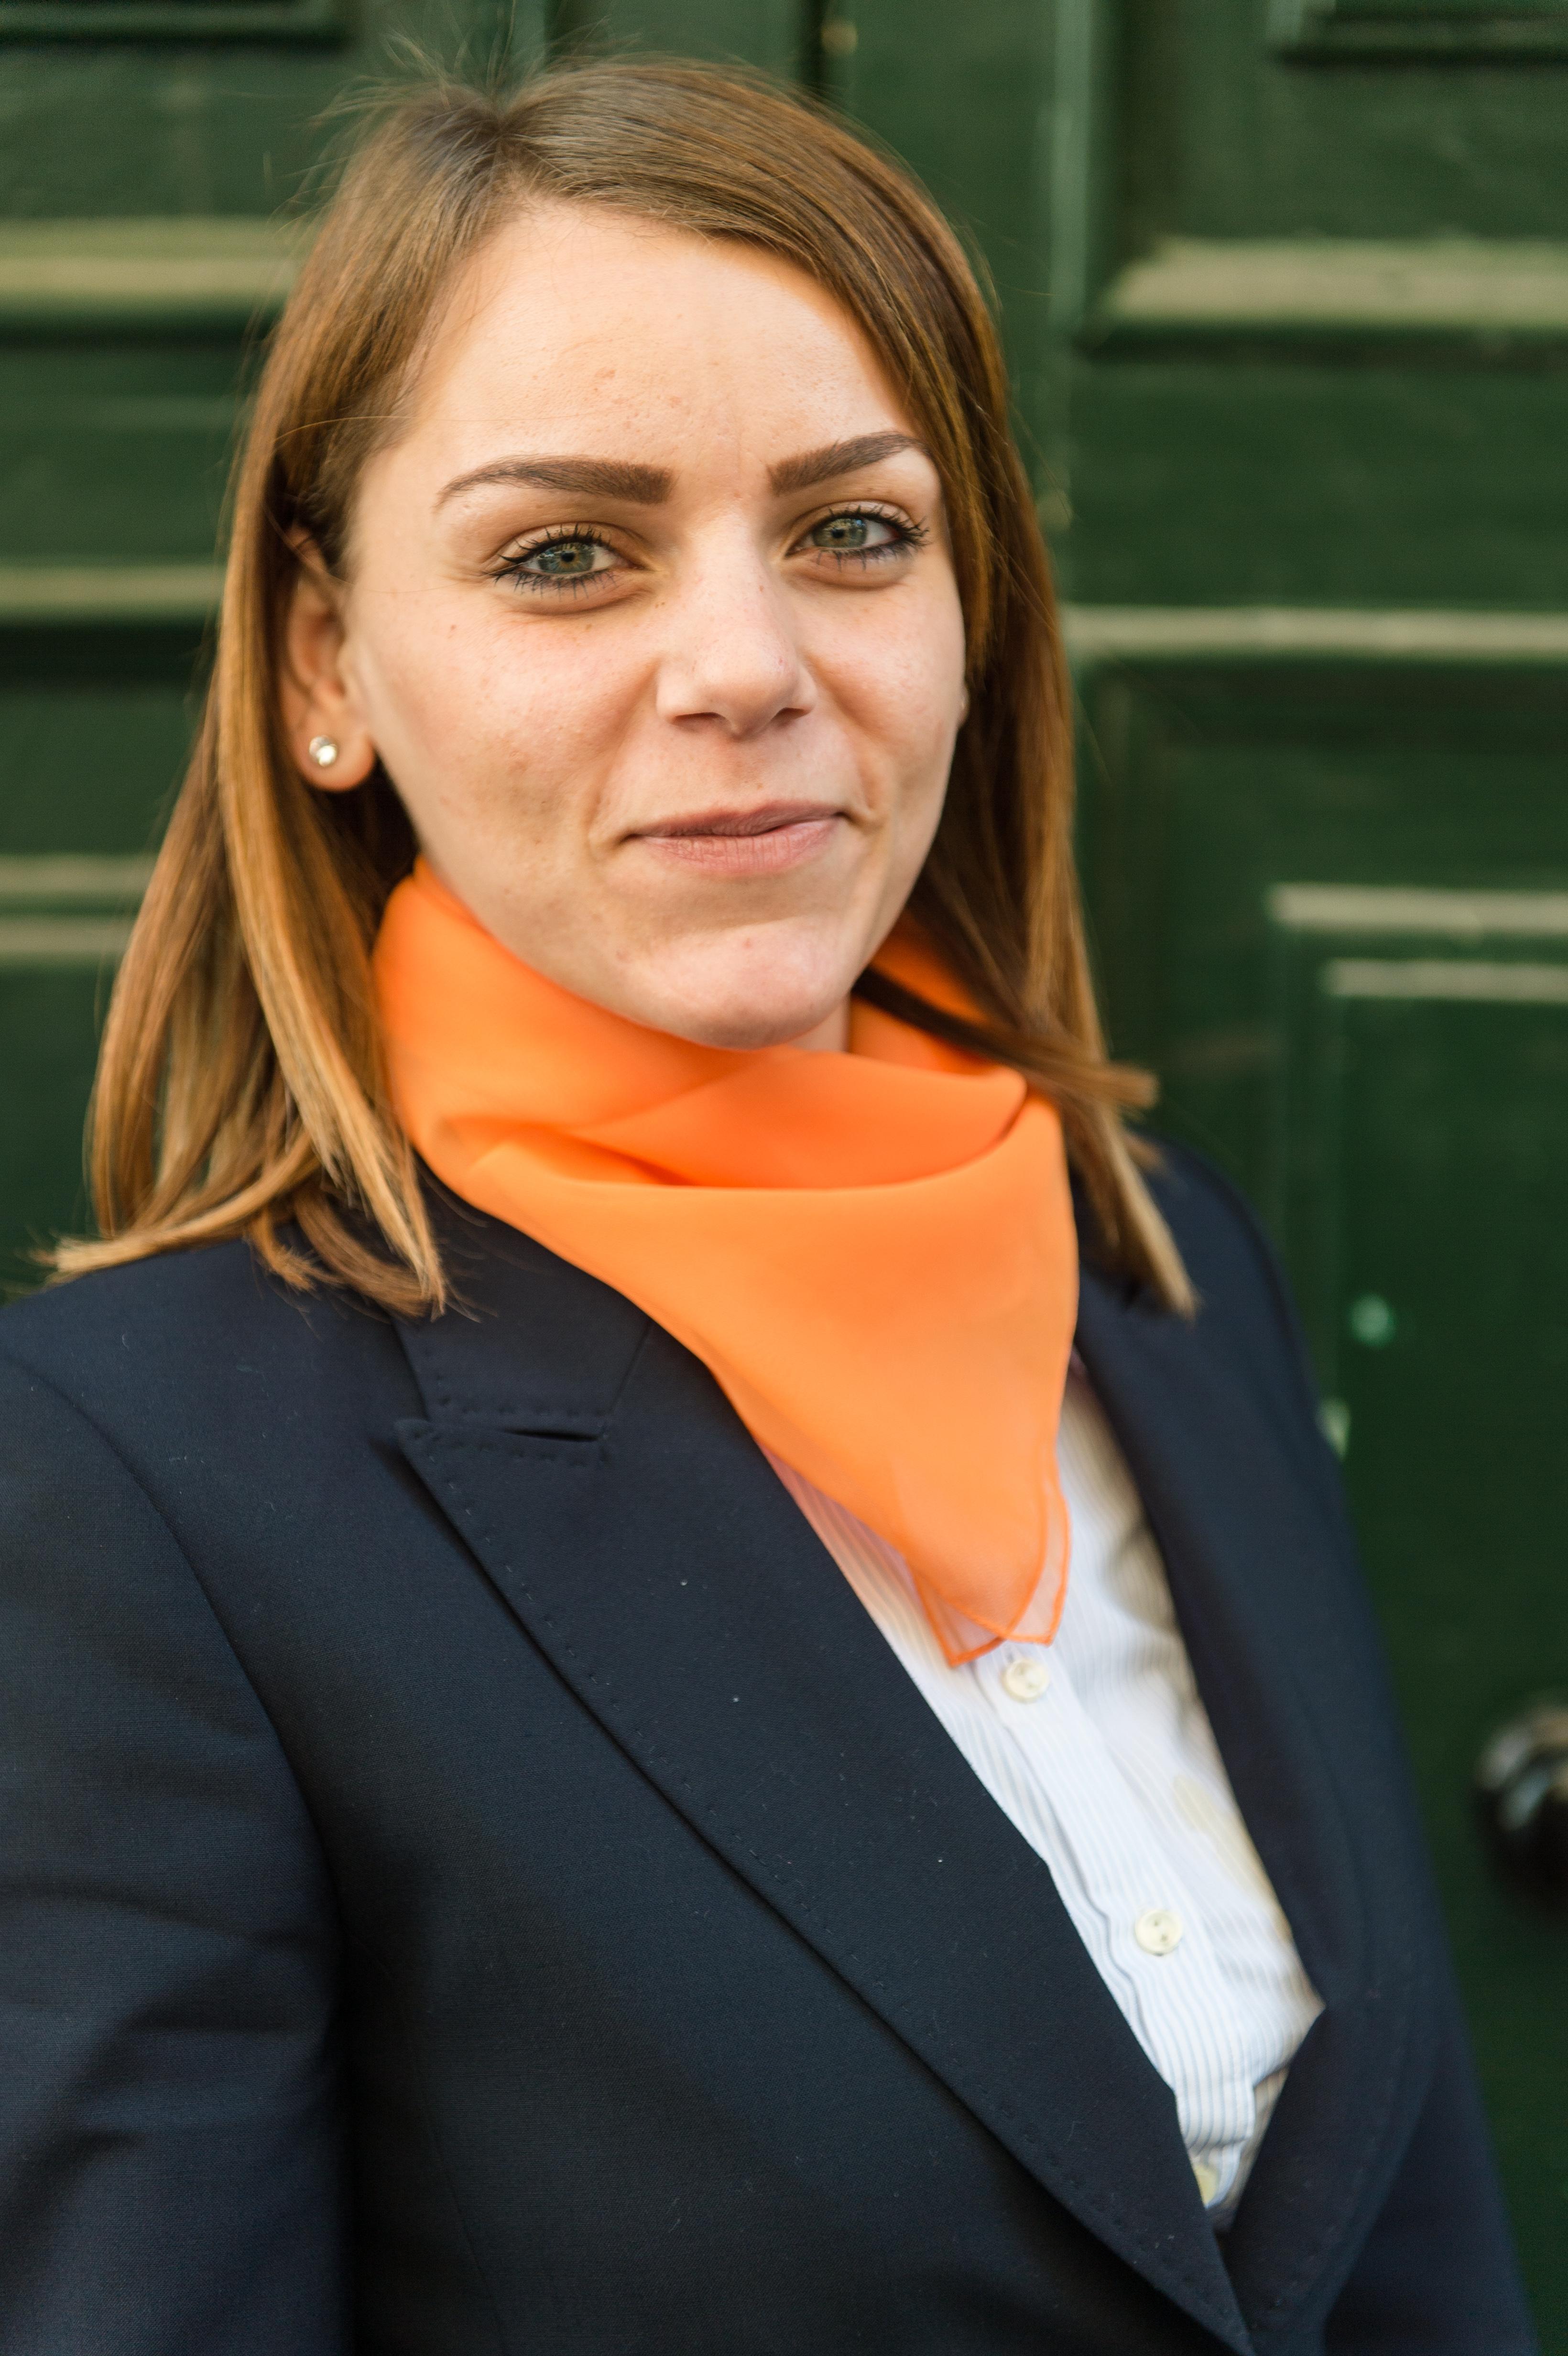 Claire Vella